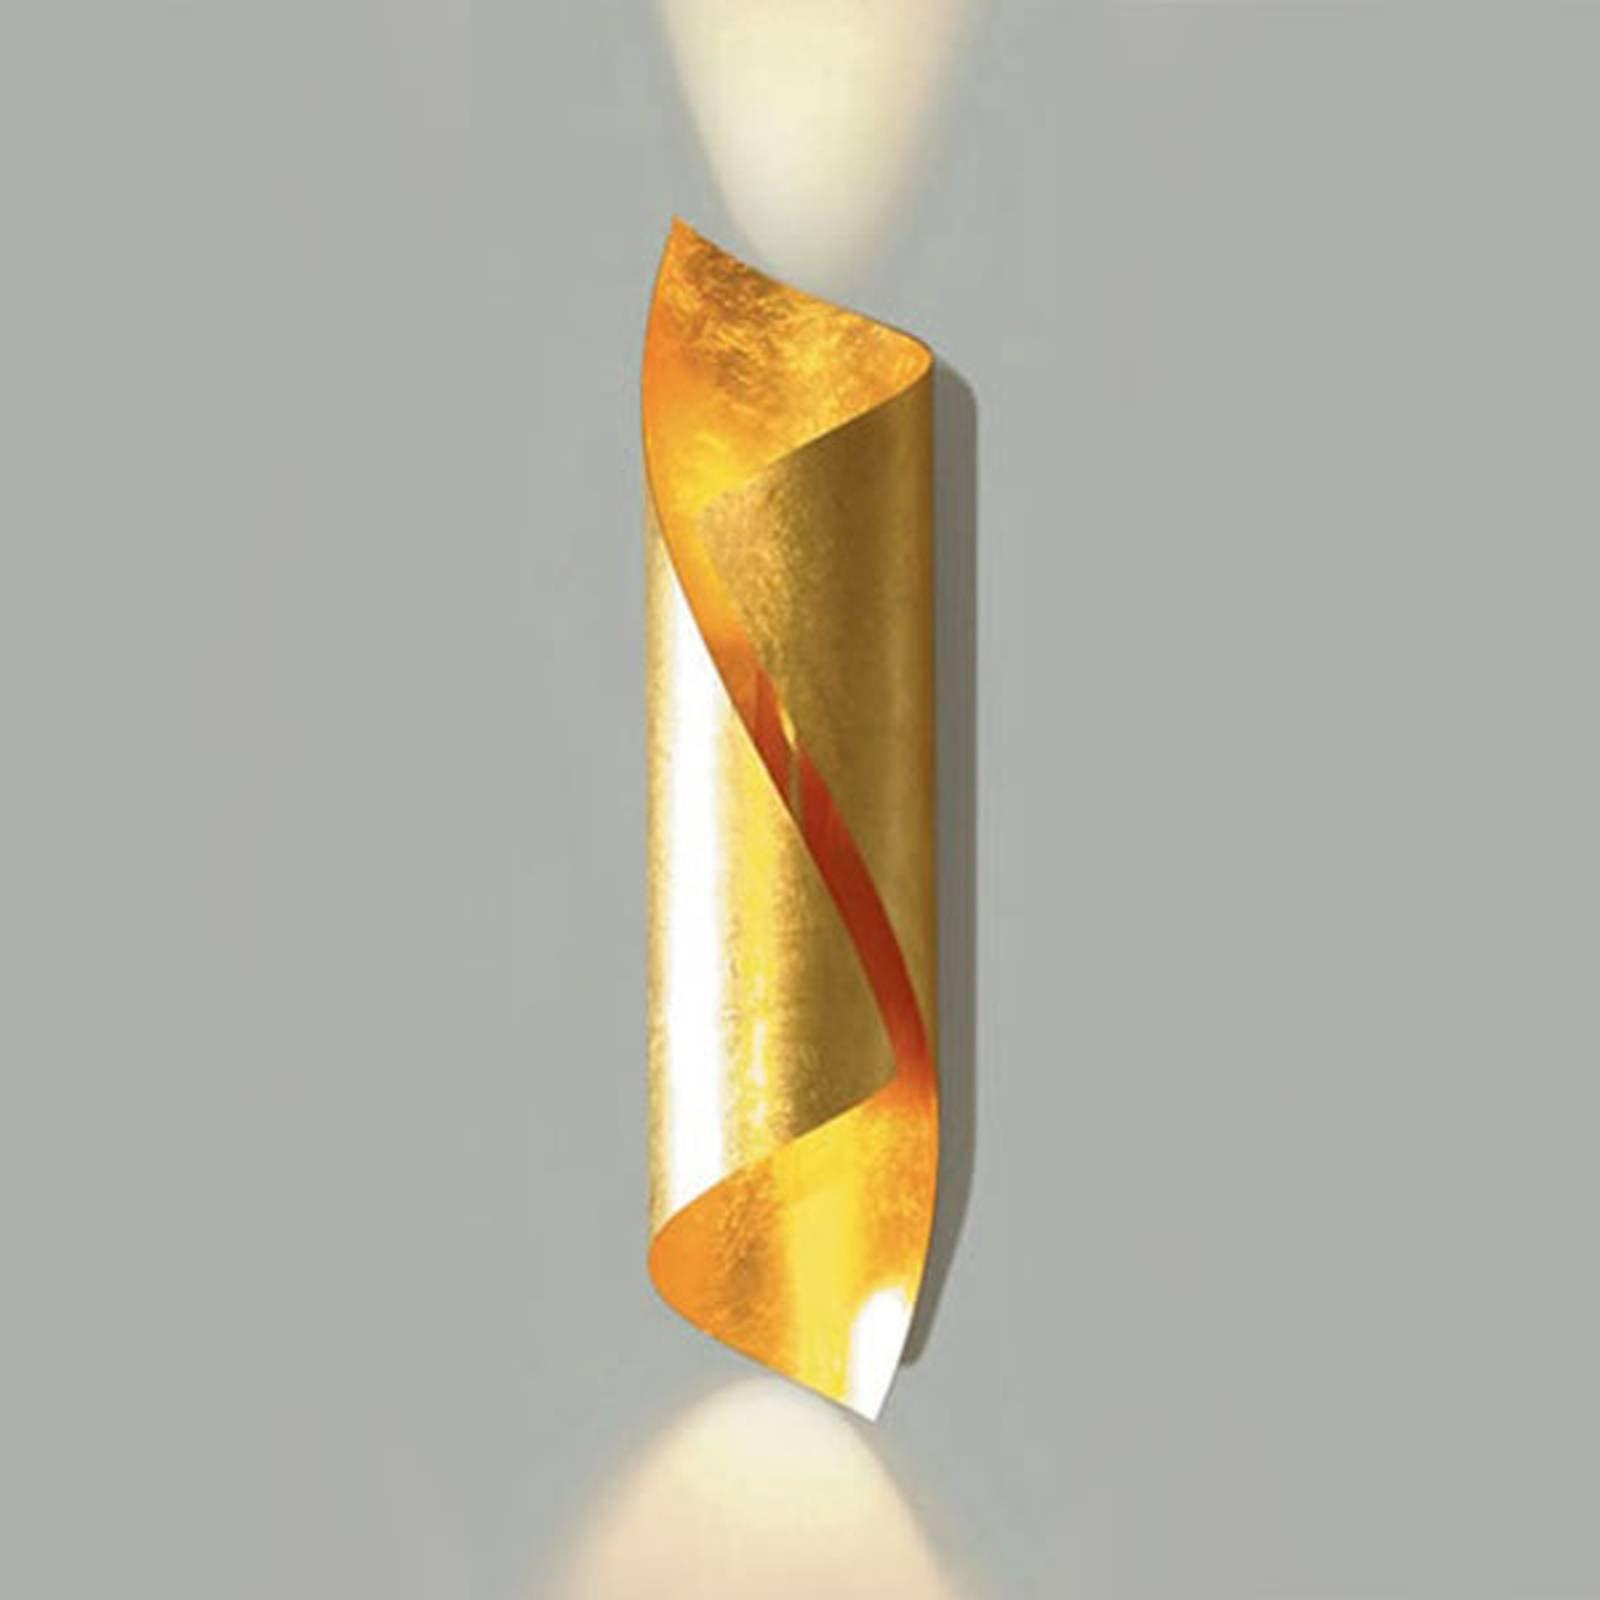 Knikerboker Hué LED-vegglampe høyde 54 cm bladgull